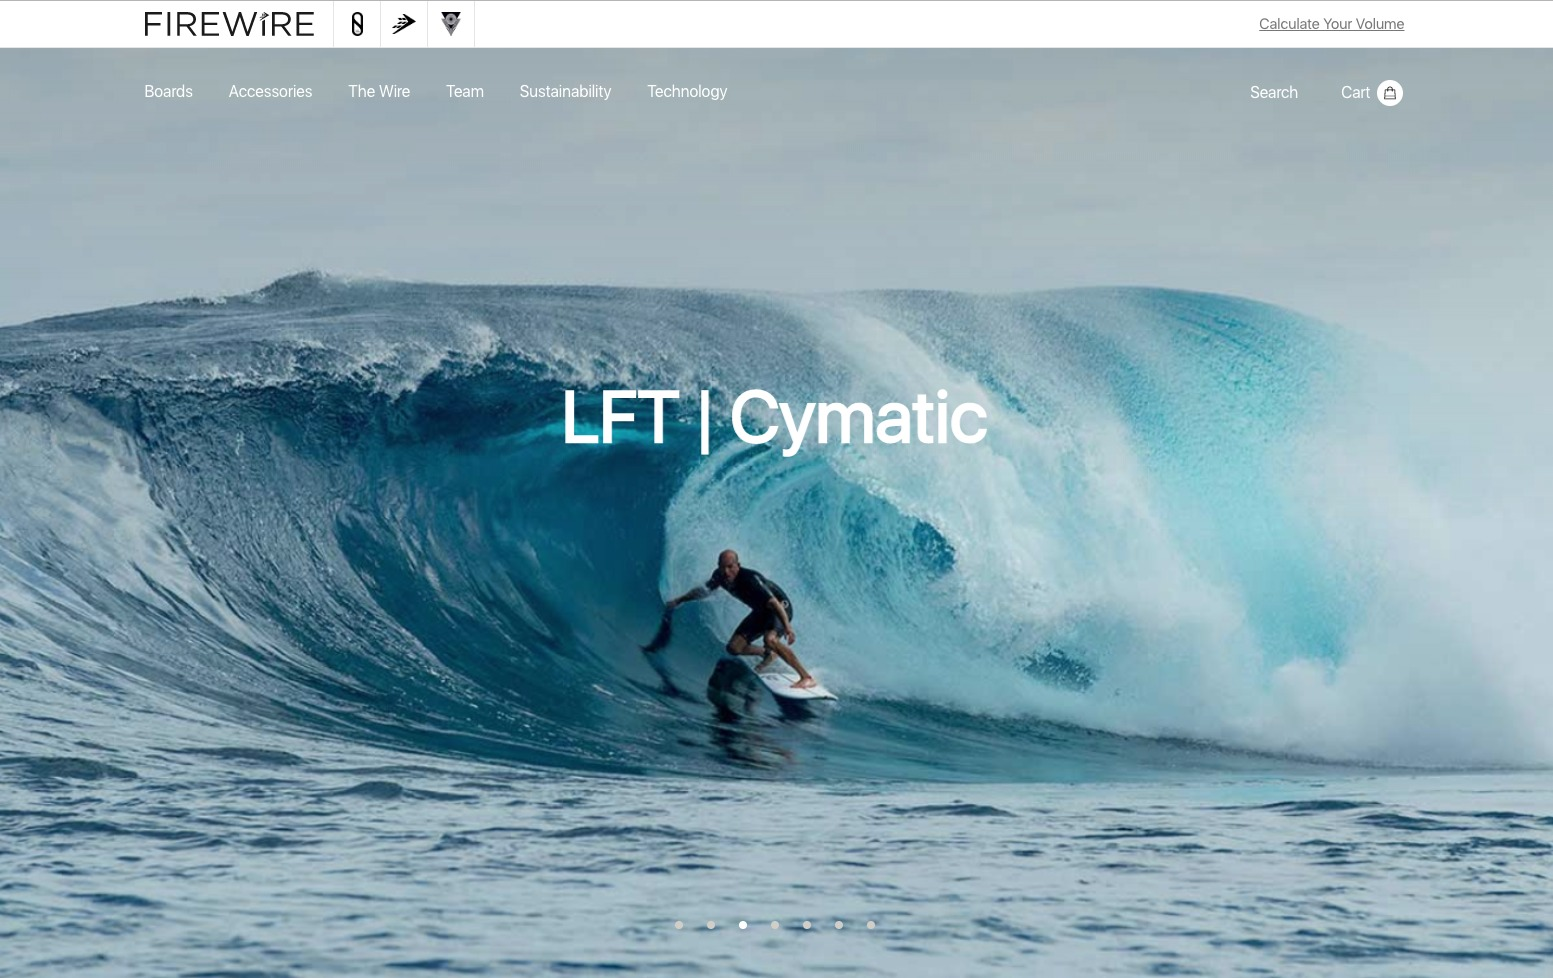 esempio di negozio di tavole da surf firewire